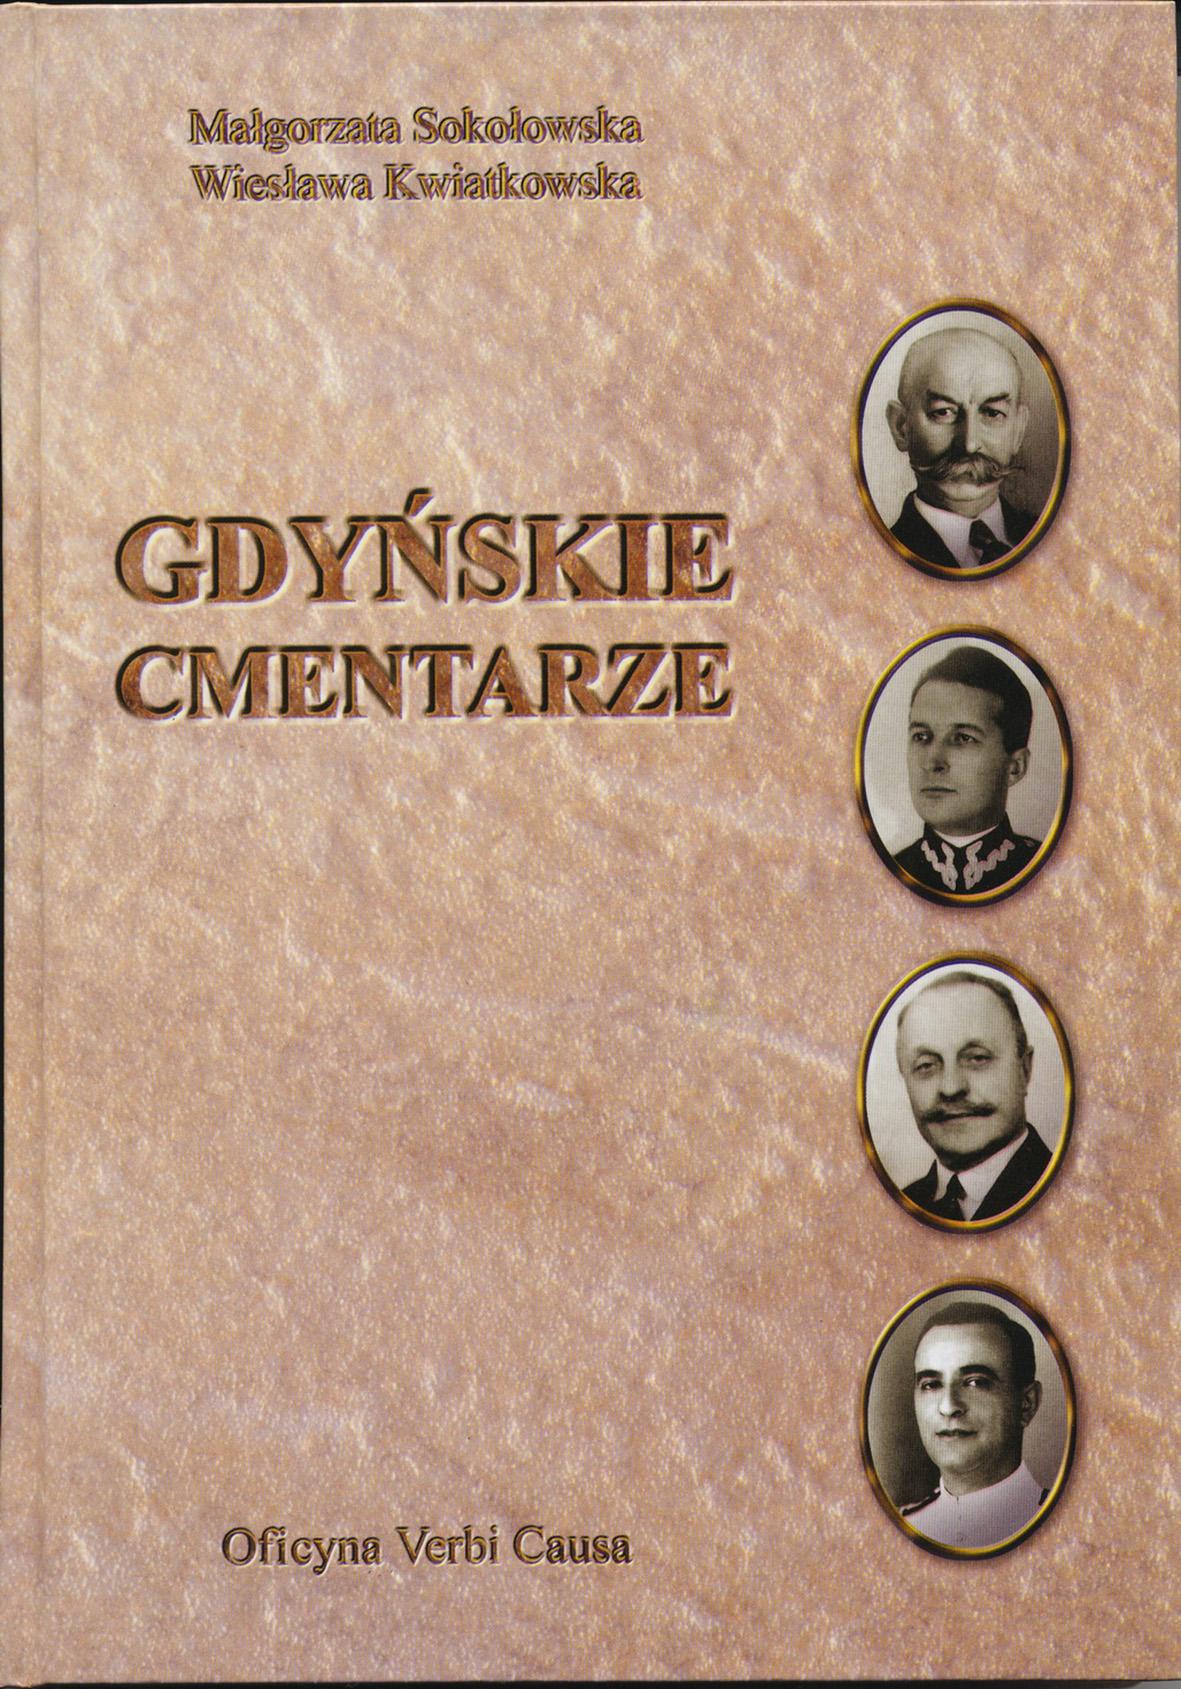 Gdynskie cmentarze